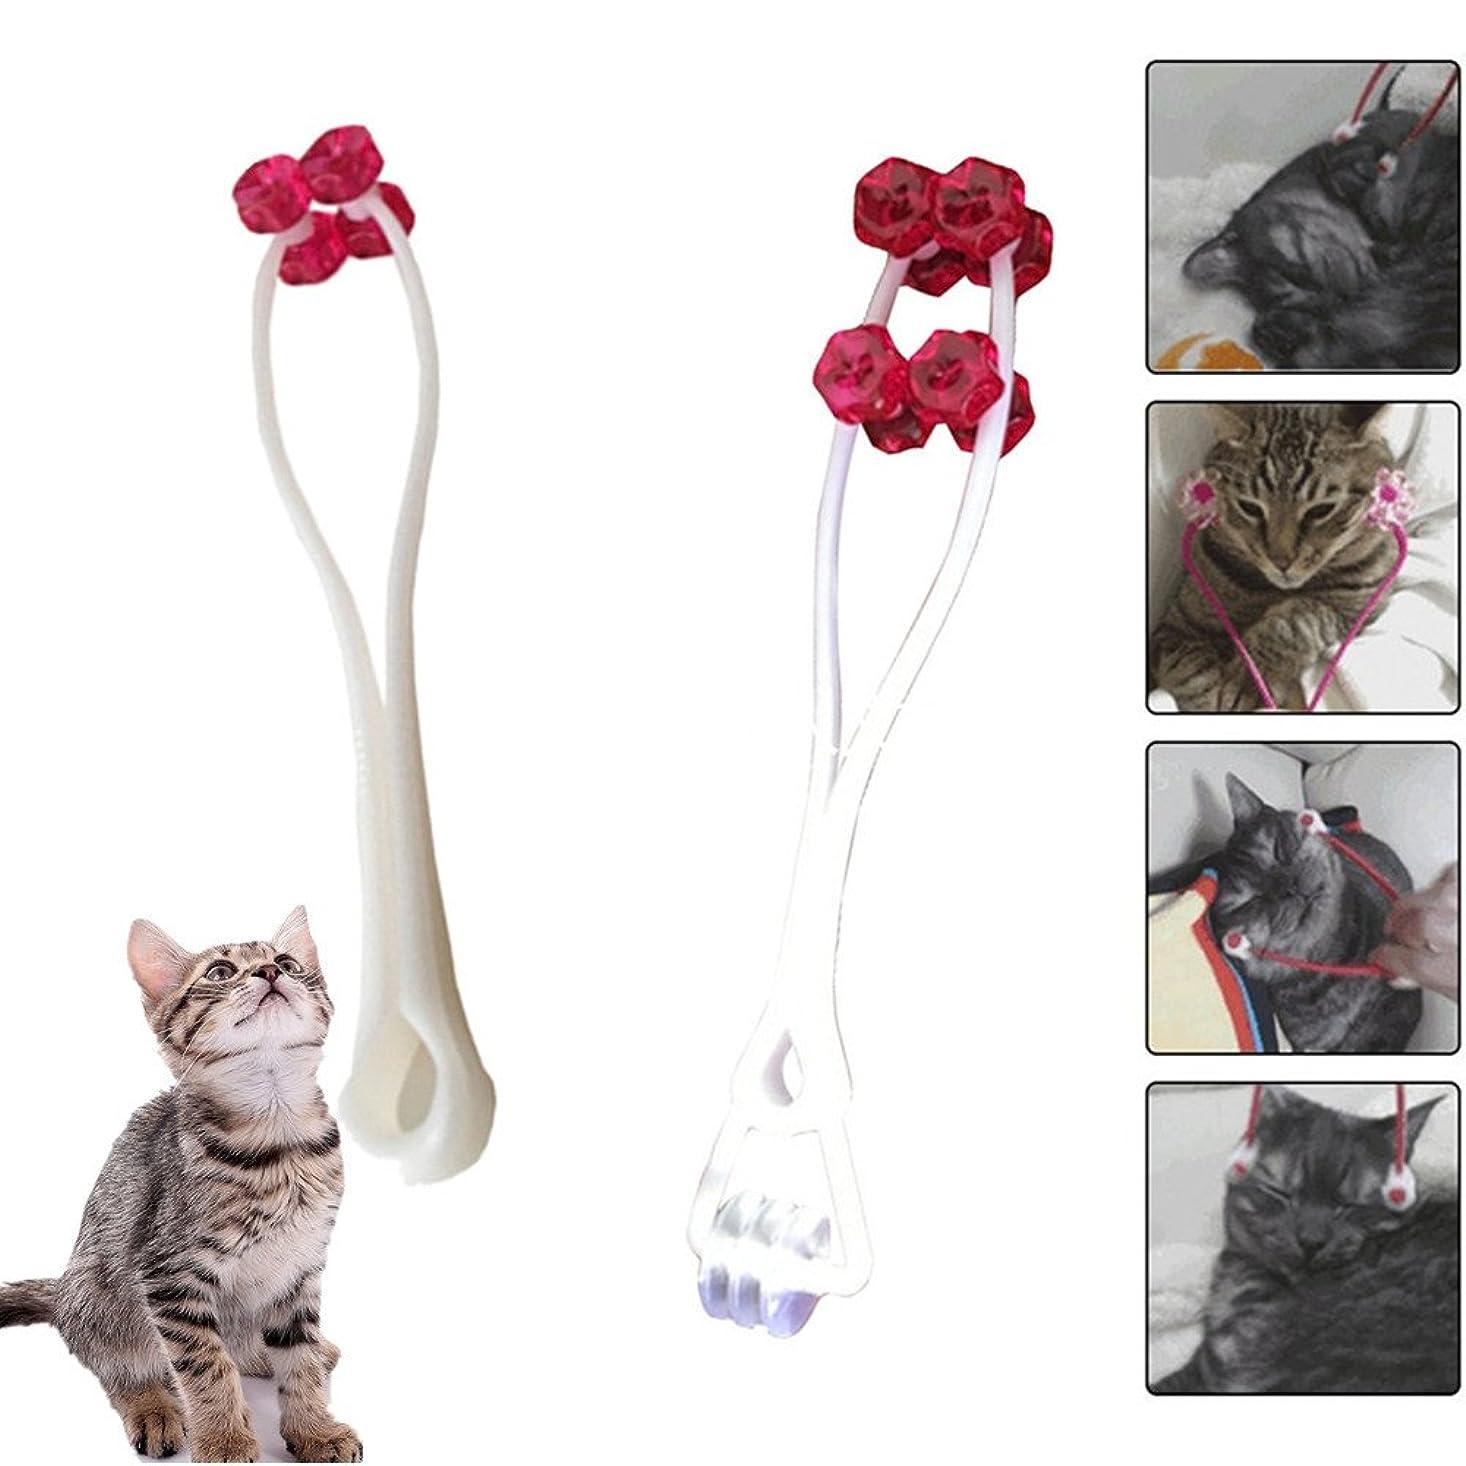 ゼリーシャーアパルFelicely 猫のマッサージツール 猫 按摩器 手動式 首 腹部 顔 足 多機能 脂肪とり 運動不足解消 2枚入り (レッド)